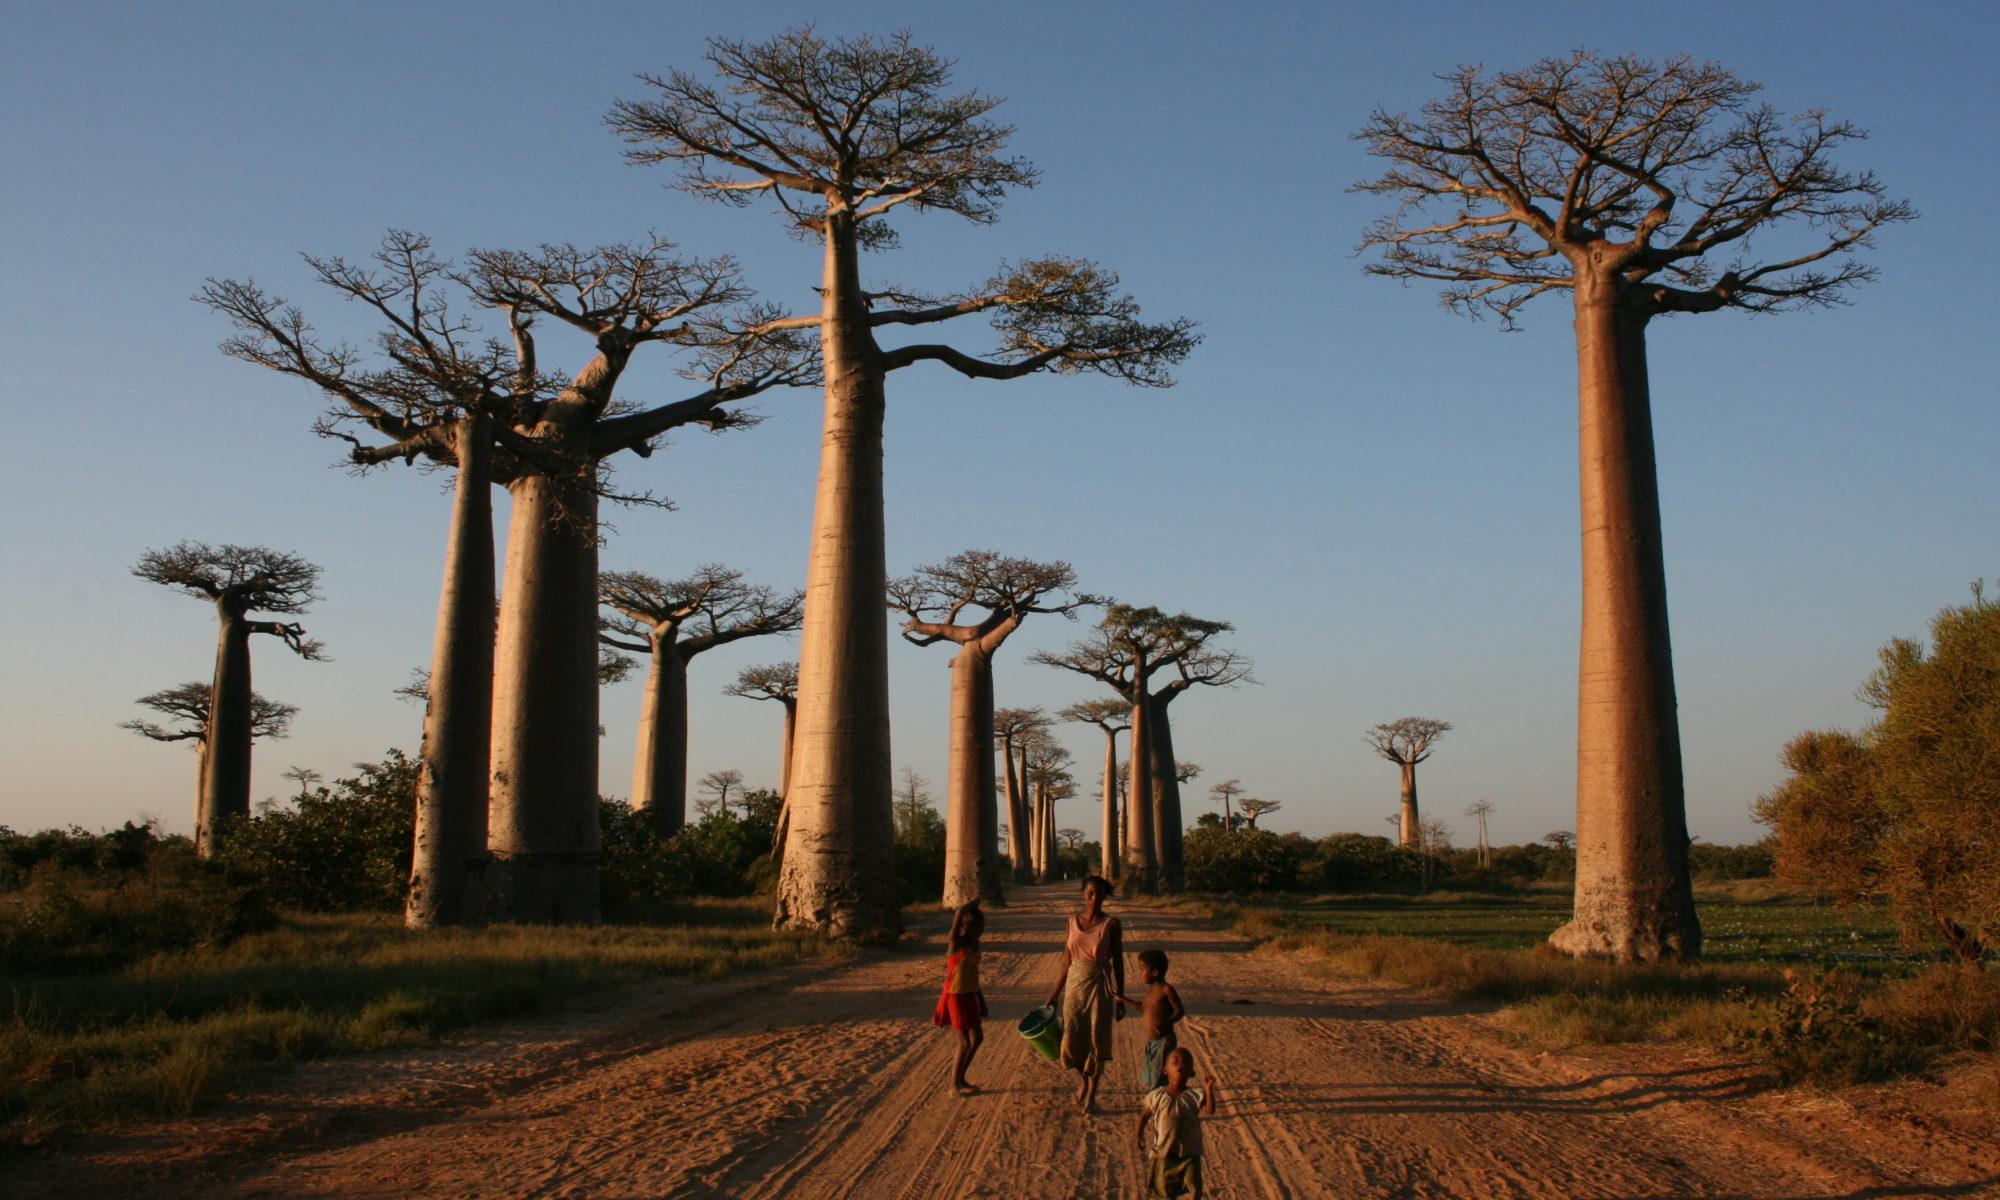 Familie geht unter hohen Baoba-Bäumen in der Abendsonne